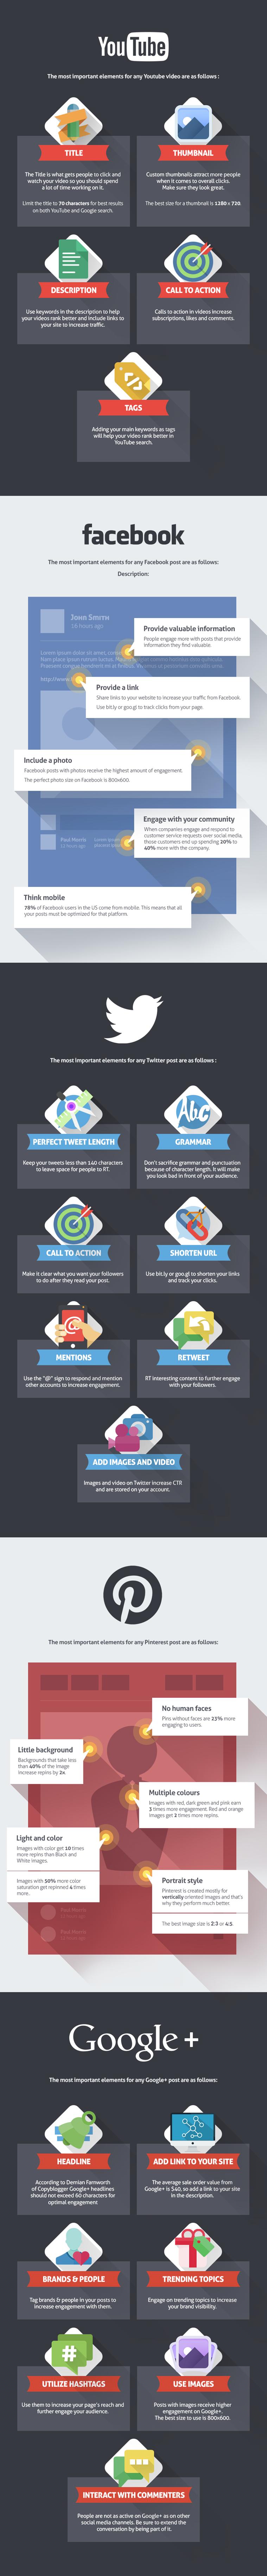 Infografía para crear el post perfecto